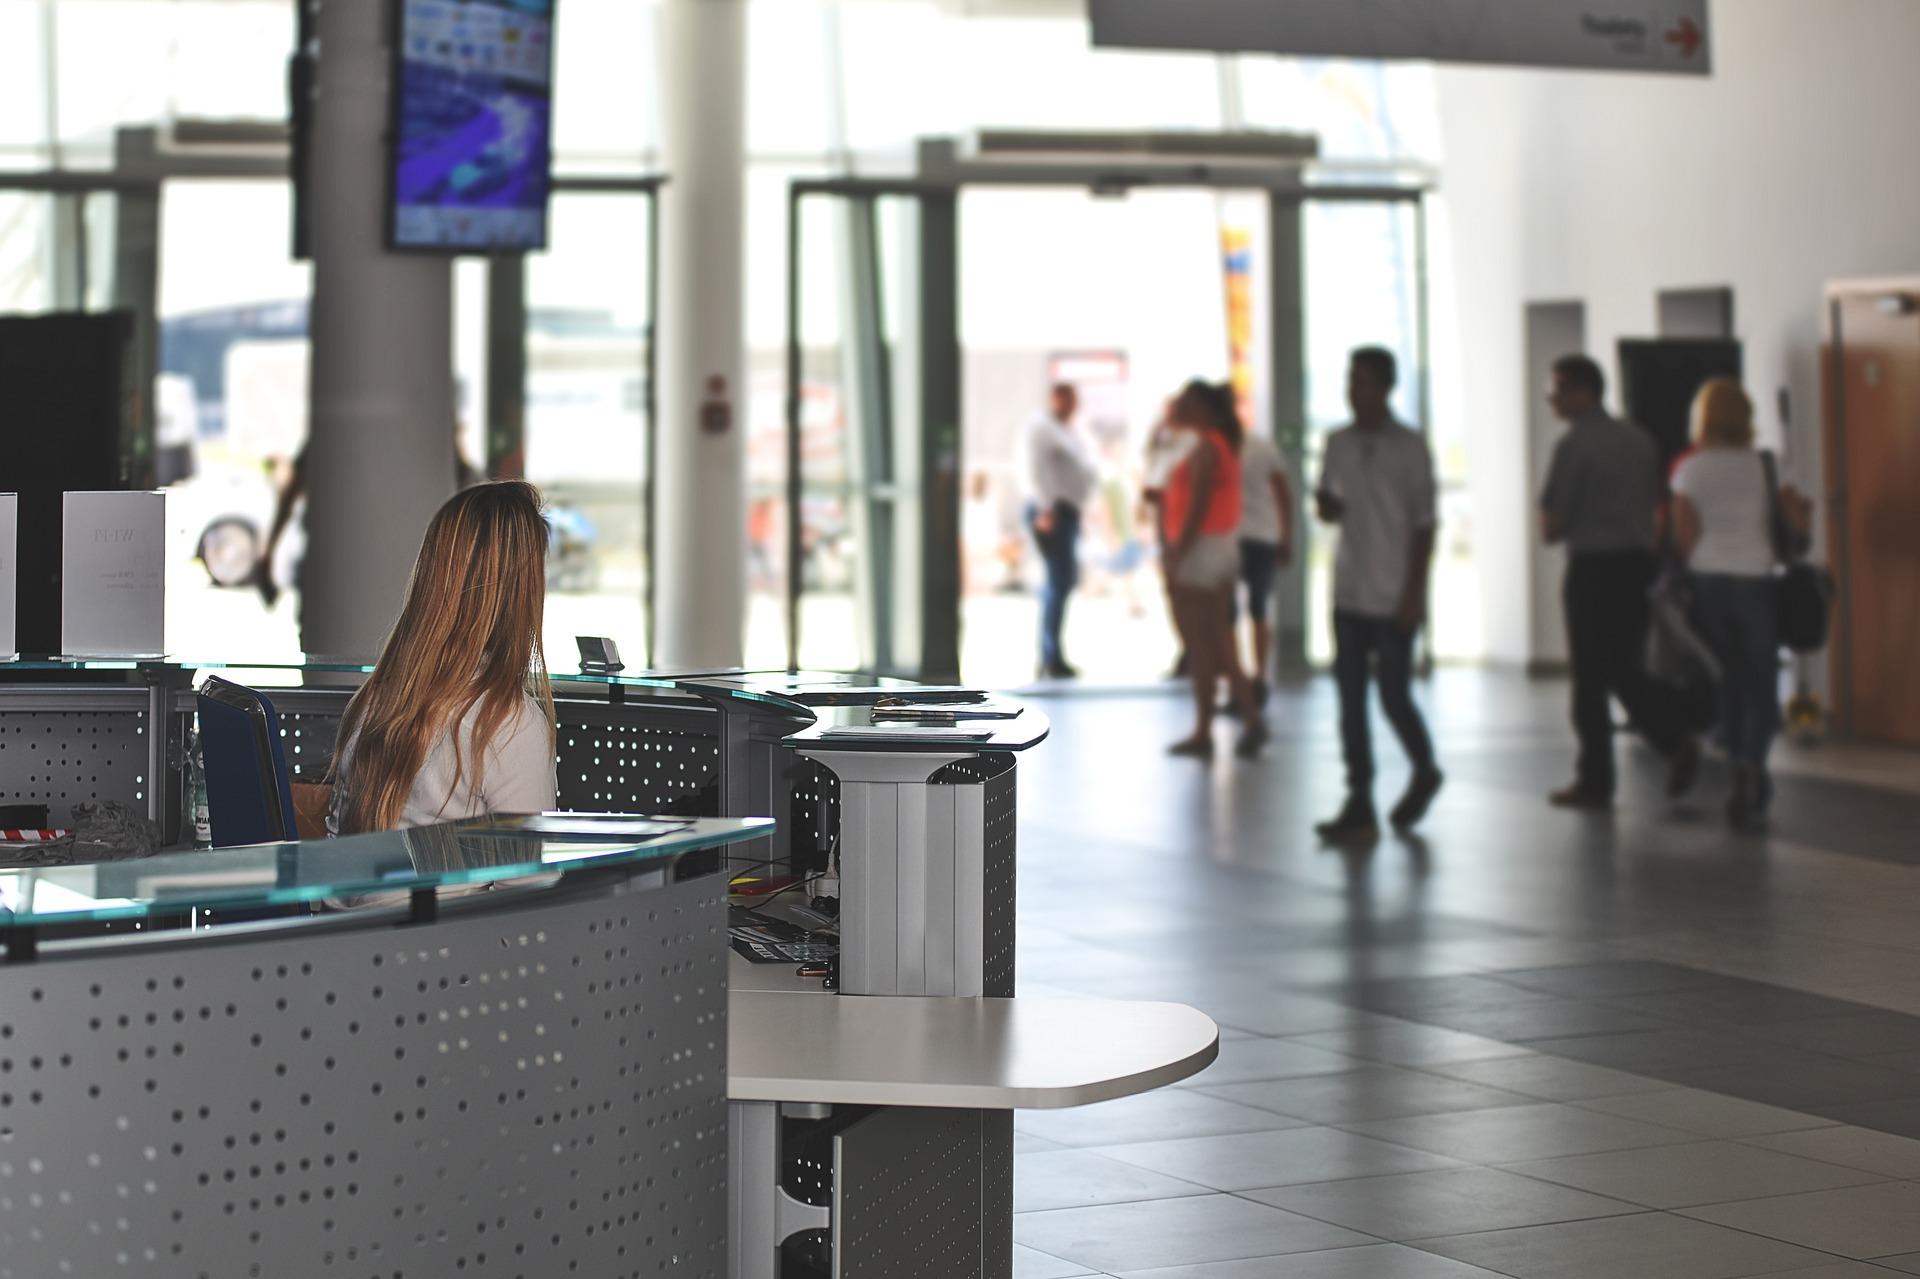 Jak polepszyć komunikacje personelu? Oprogramowania dla hotelarstwa jako forma wspomagająca